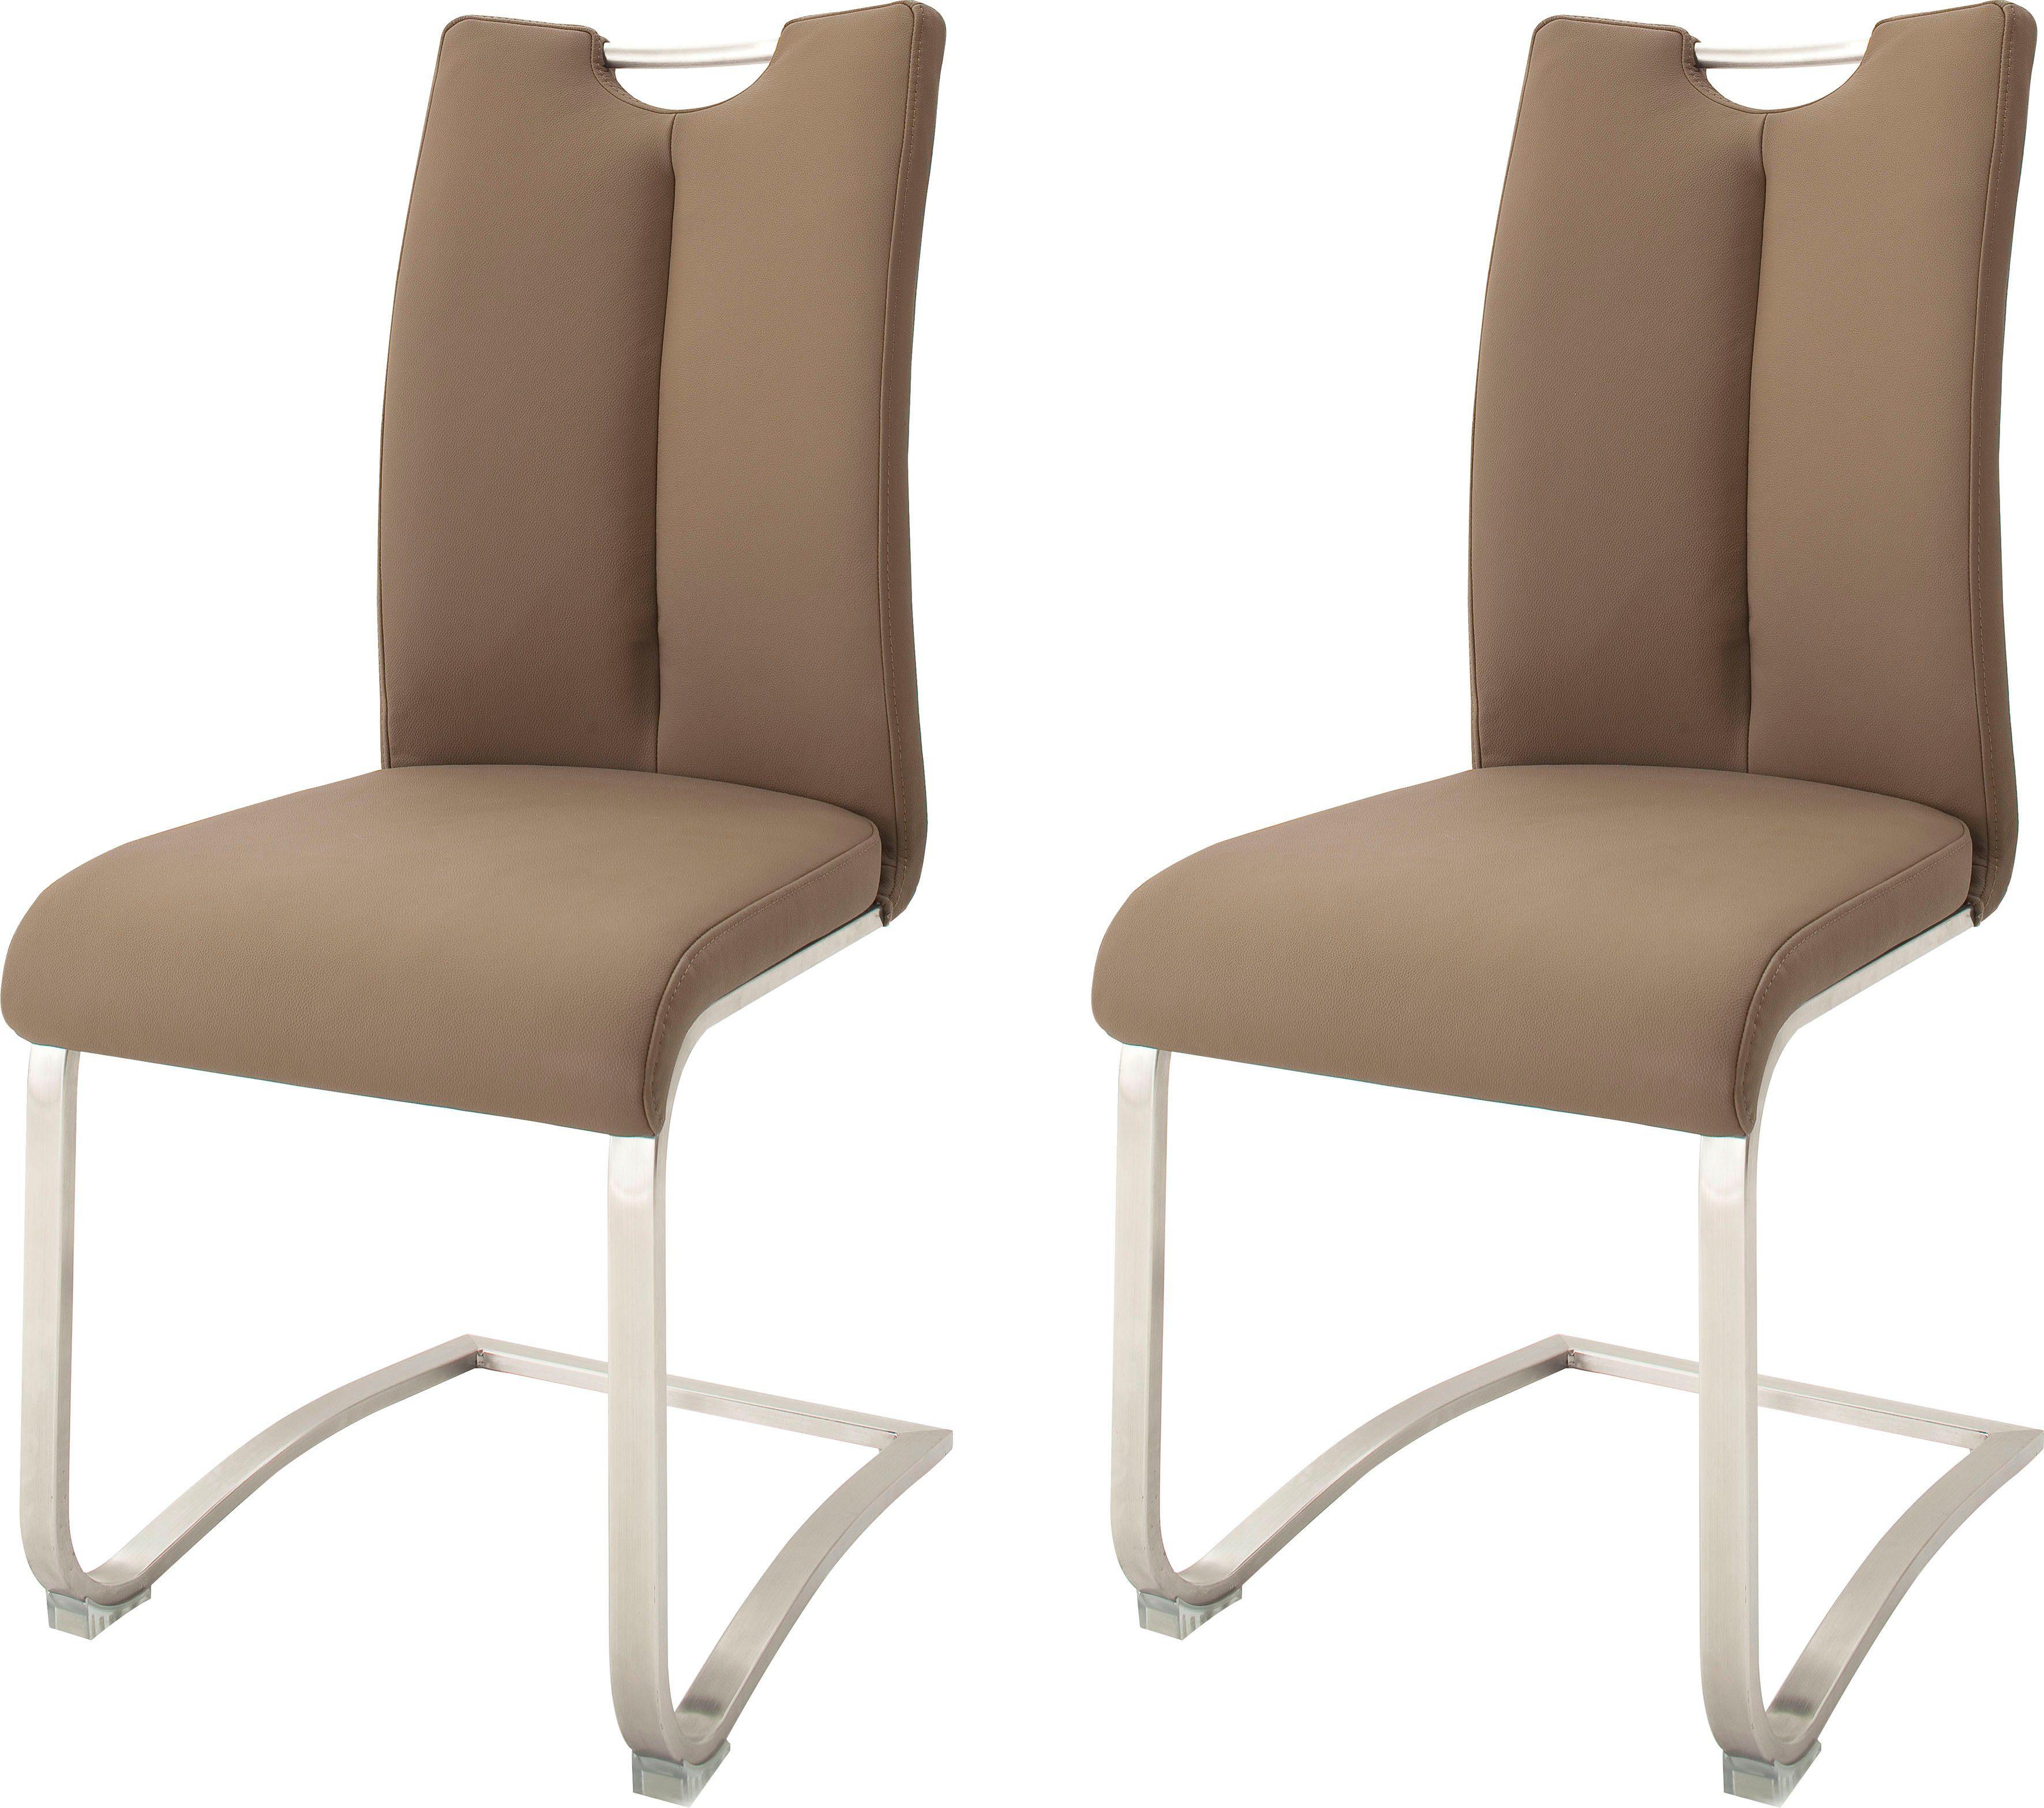 MCA furniture Freischwinger »Artos« 2er Set, Stuhl mit Echtlederbezug, bis 140 Kg belastbar online kaufen   OTTO